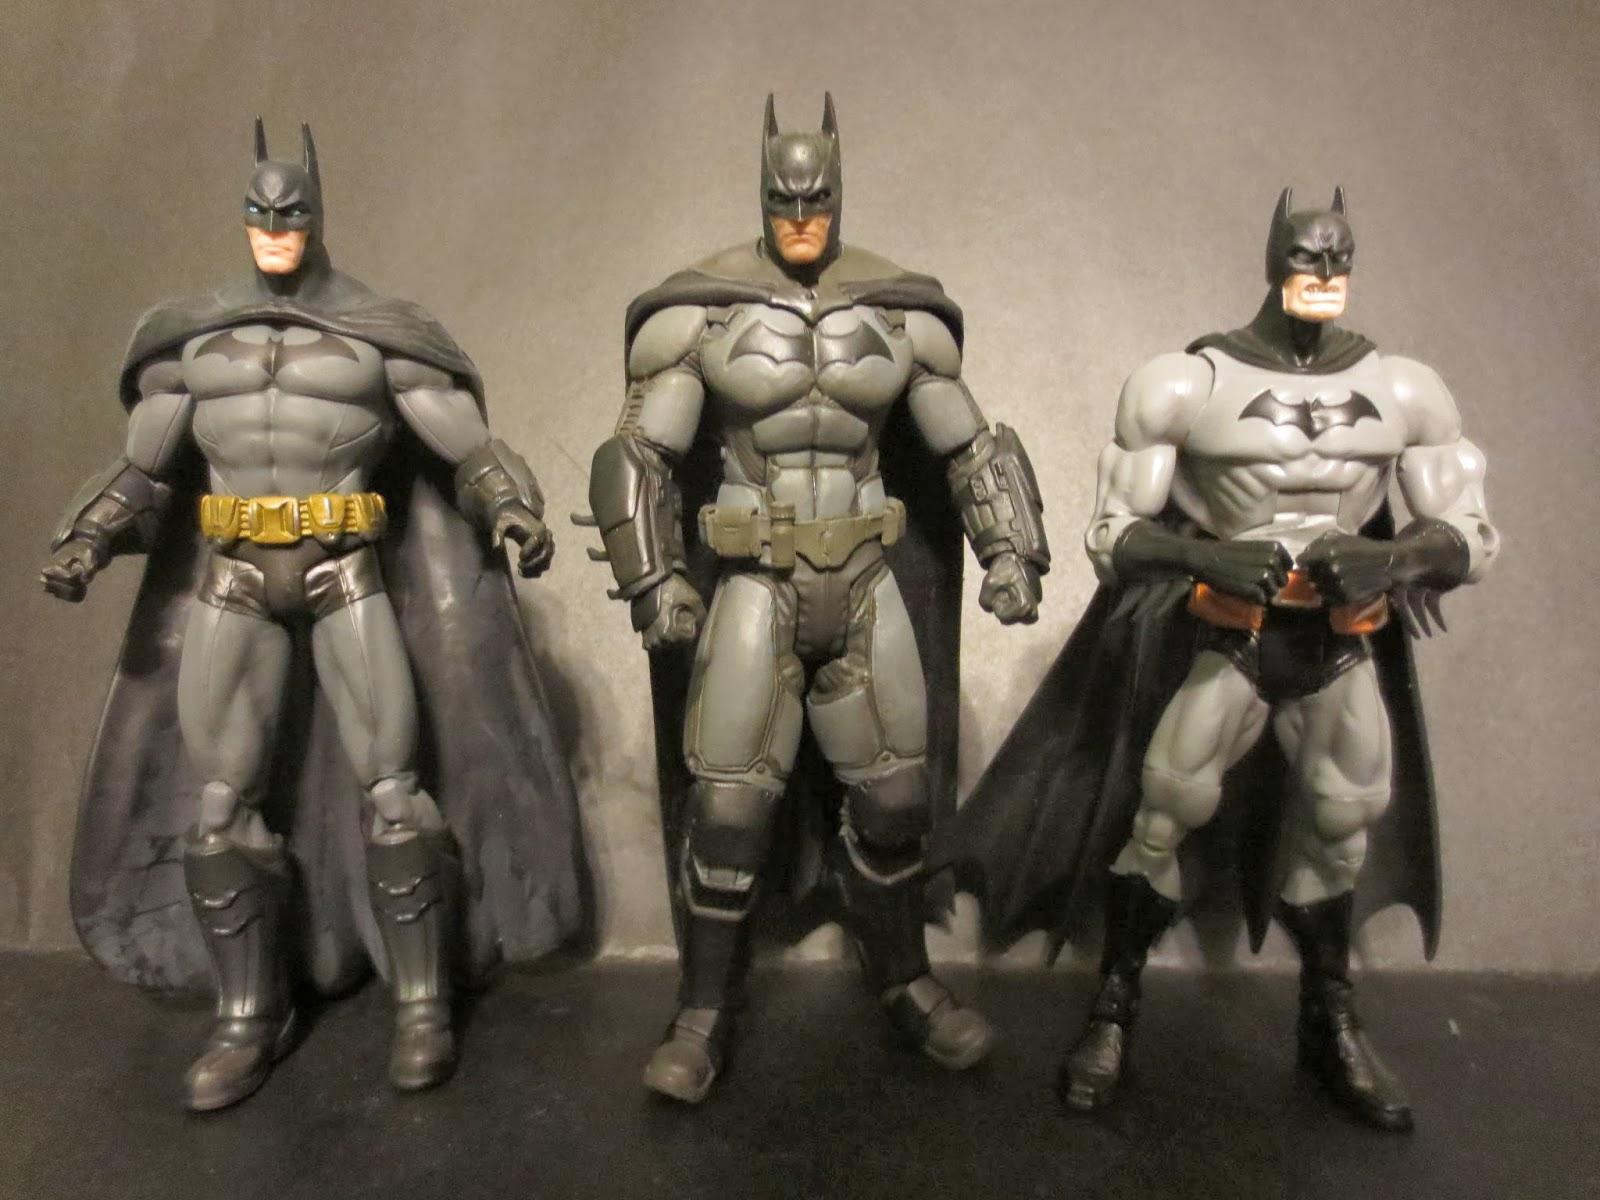 Coolest Batman Toys : The epic review action figure batman from arkham